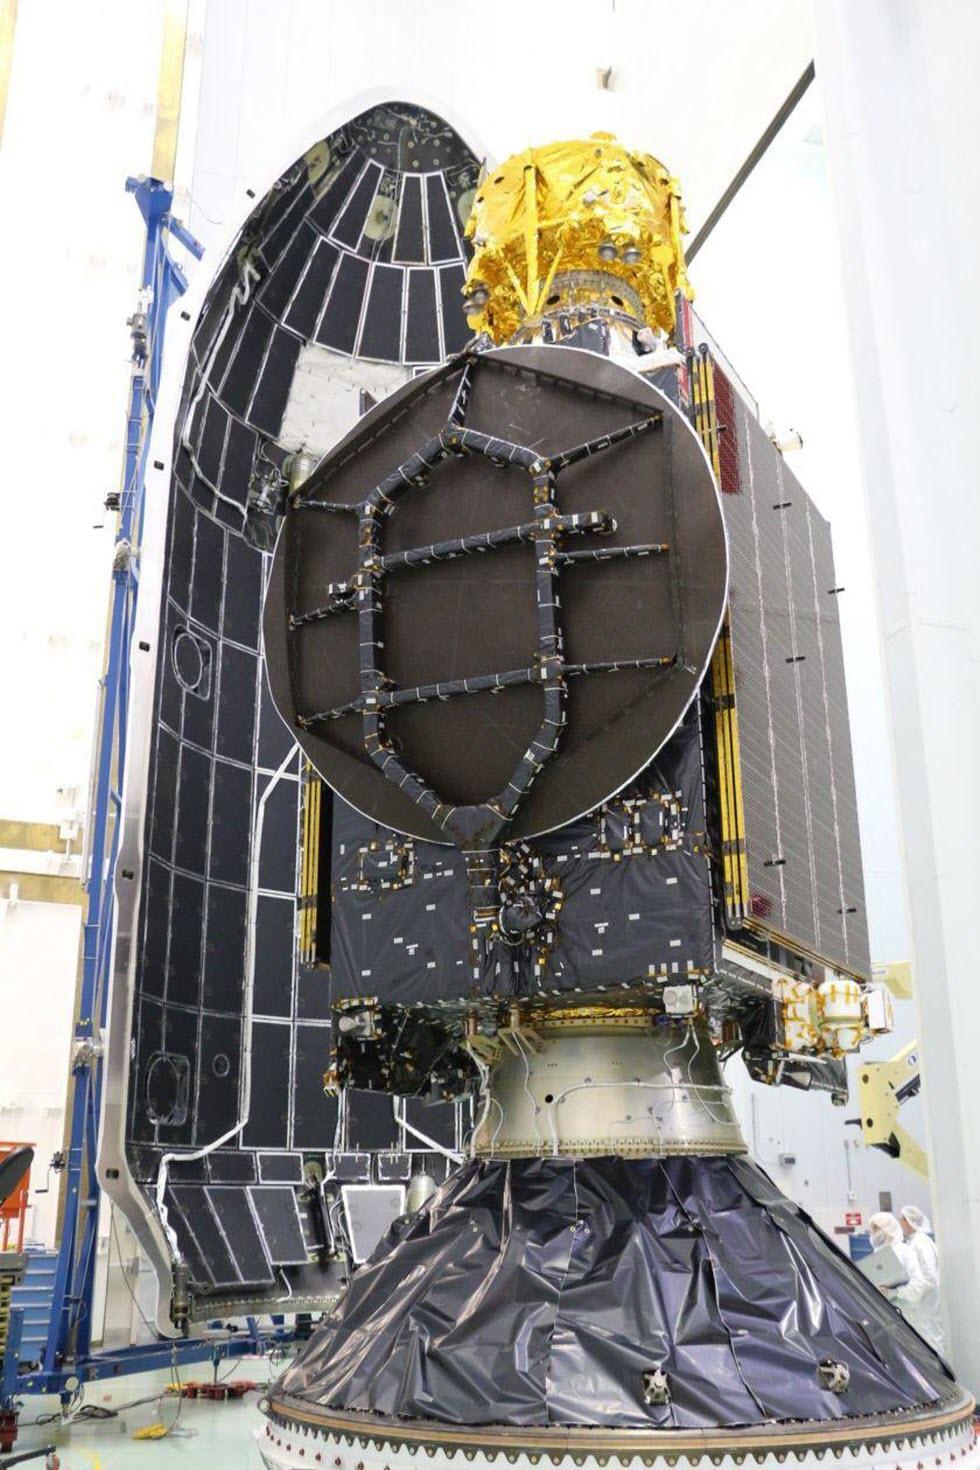 'בראשית' ממוקמת מעל לווין התקשורת ( הנוסע הראשי בשיגור)  השוקל מספר טונות ק